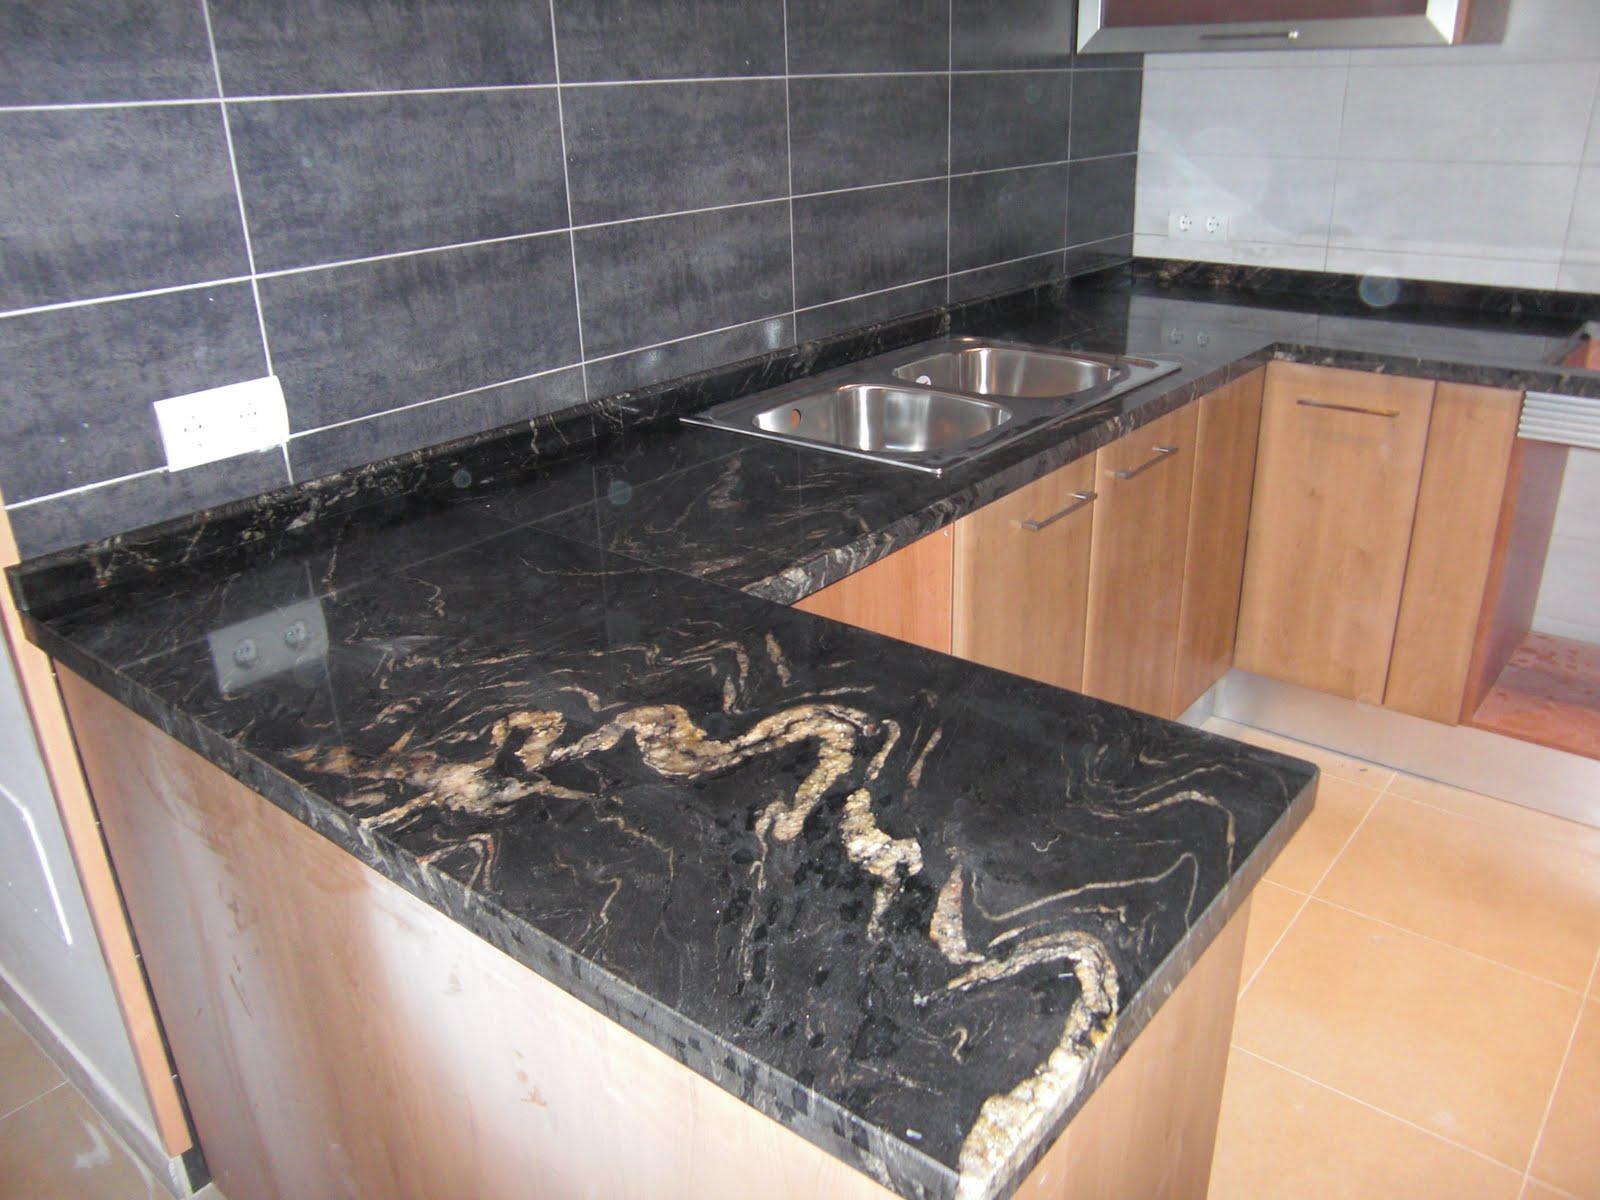 Piedralia global s l encimera de cocina en granito - Encimeras de granito colores ...